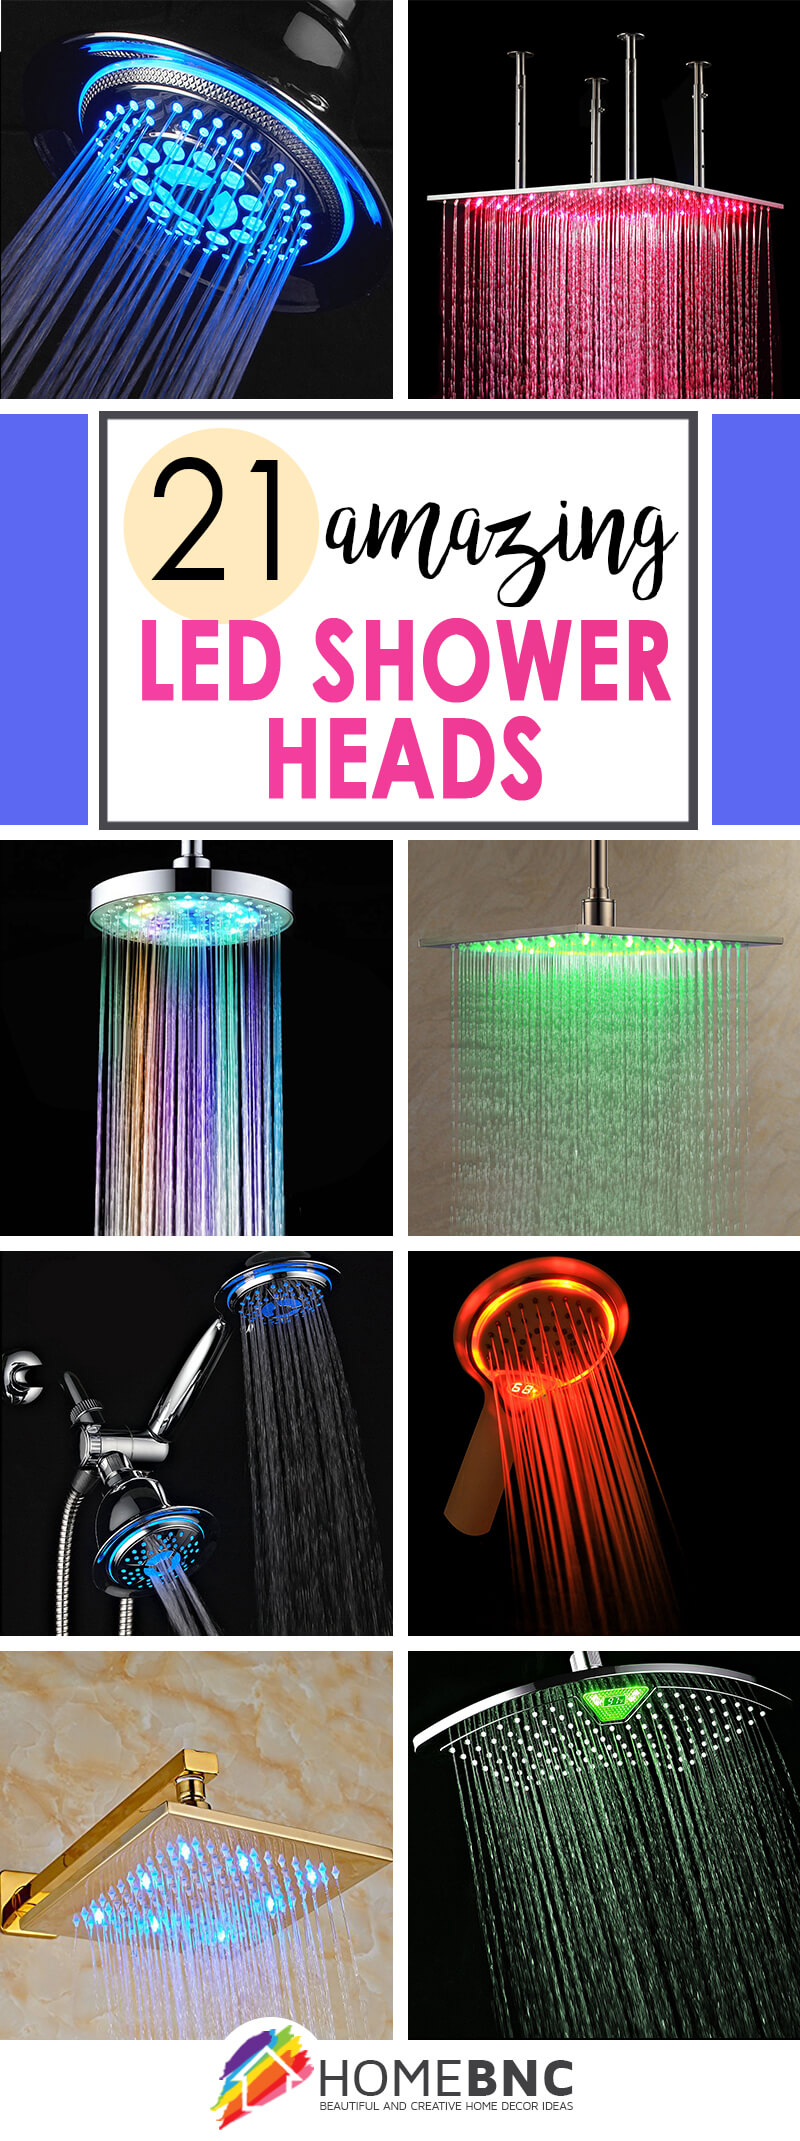 Led Shower Heads Ideas Pinterest